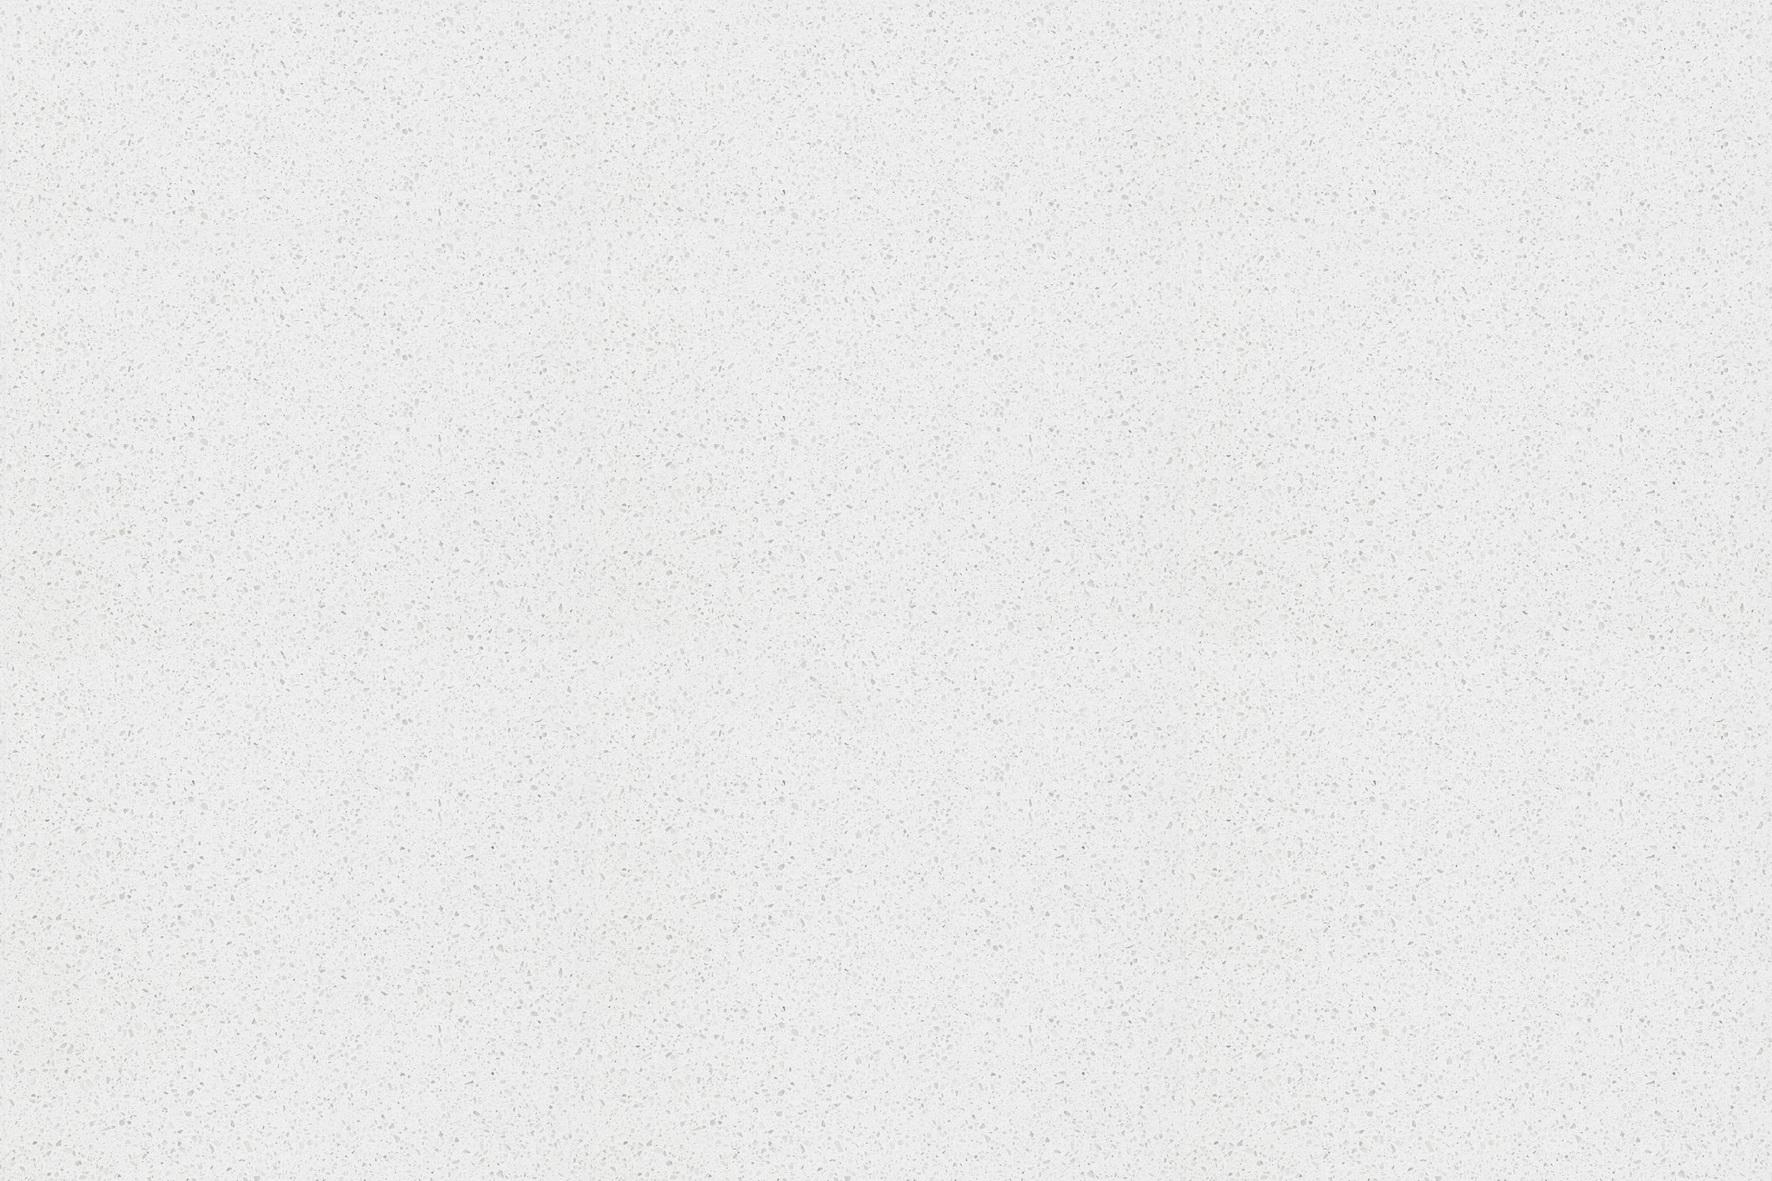 ARCTIC WHITE-UNIPLUS - LASTRE ANTICATE Foto: 1_58340_37613.jpg